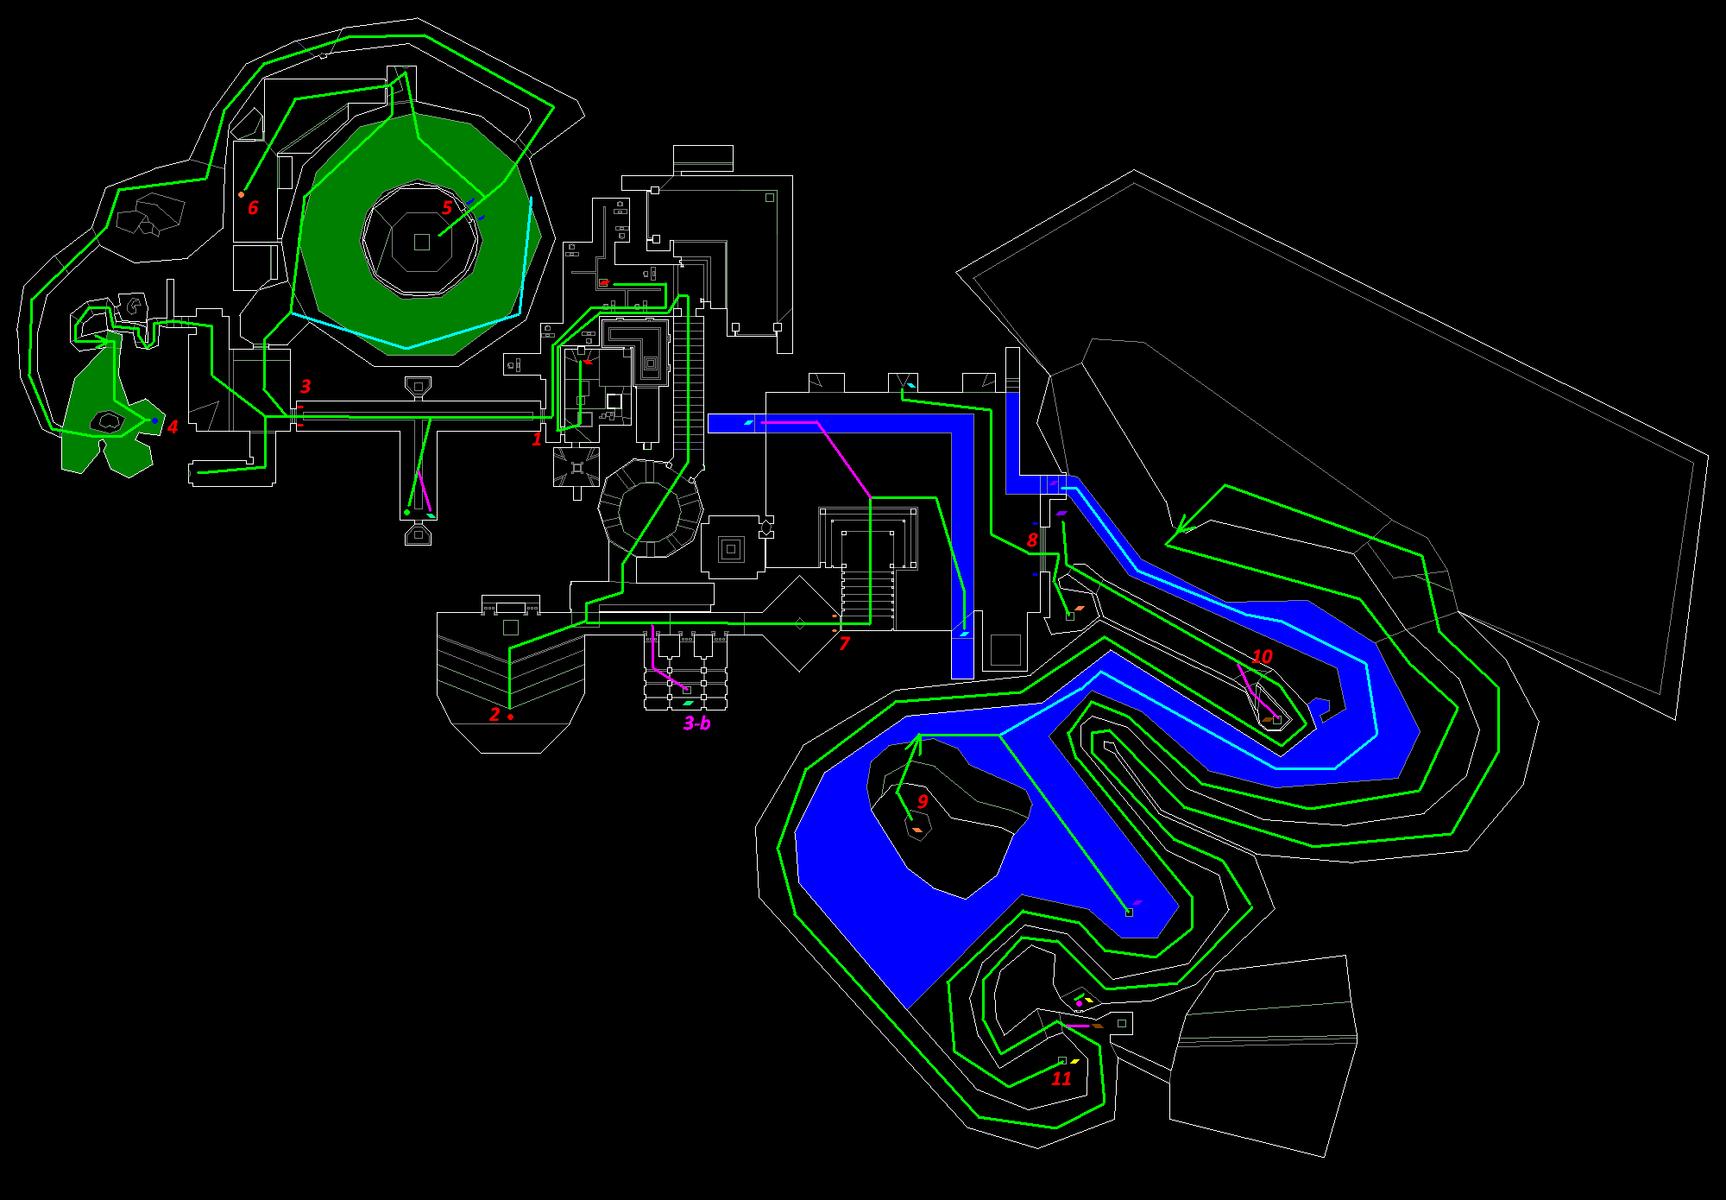 map20.png.d89614d4586ccf58c198dc30ad632148.png